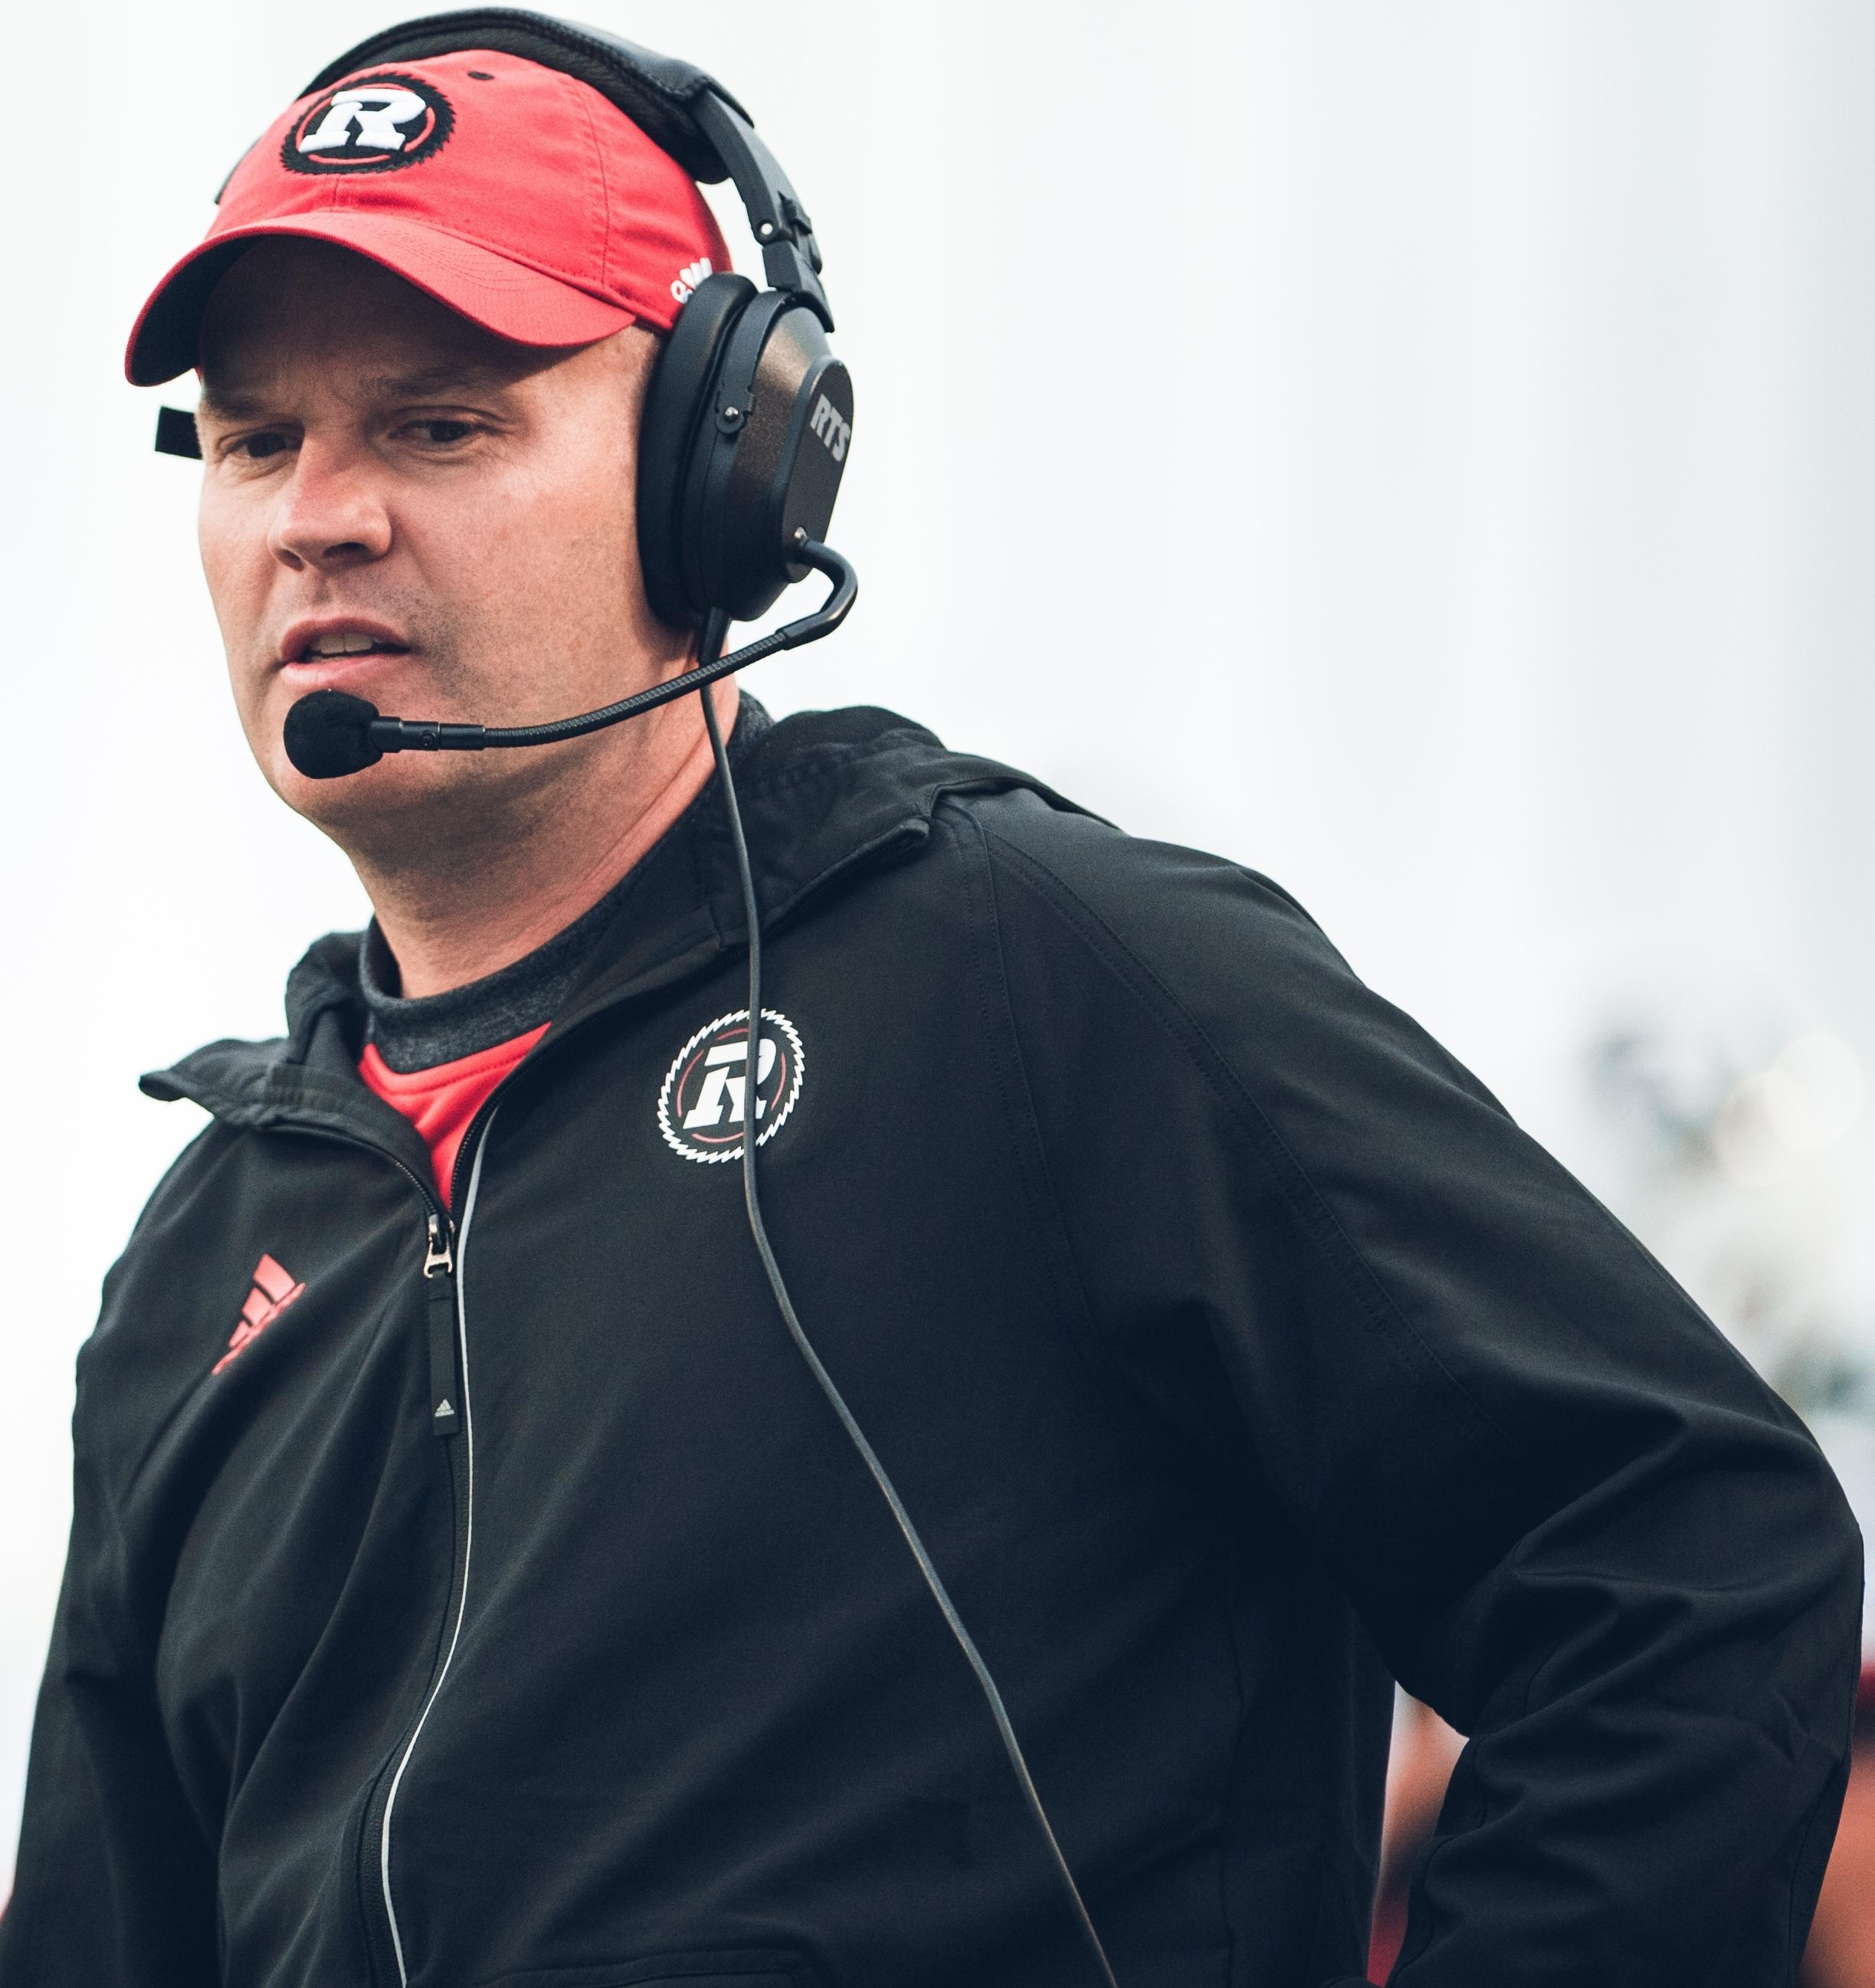 ottawa dating coach